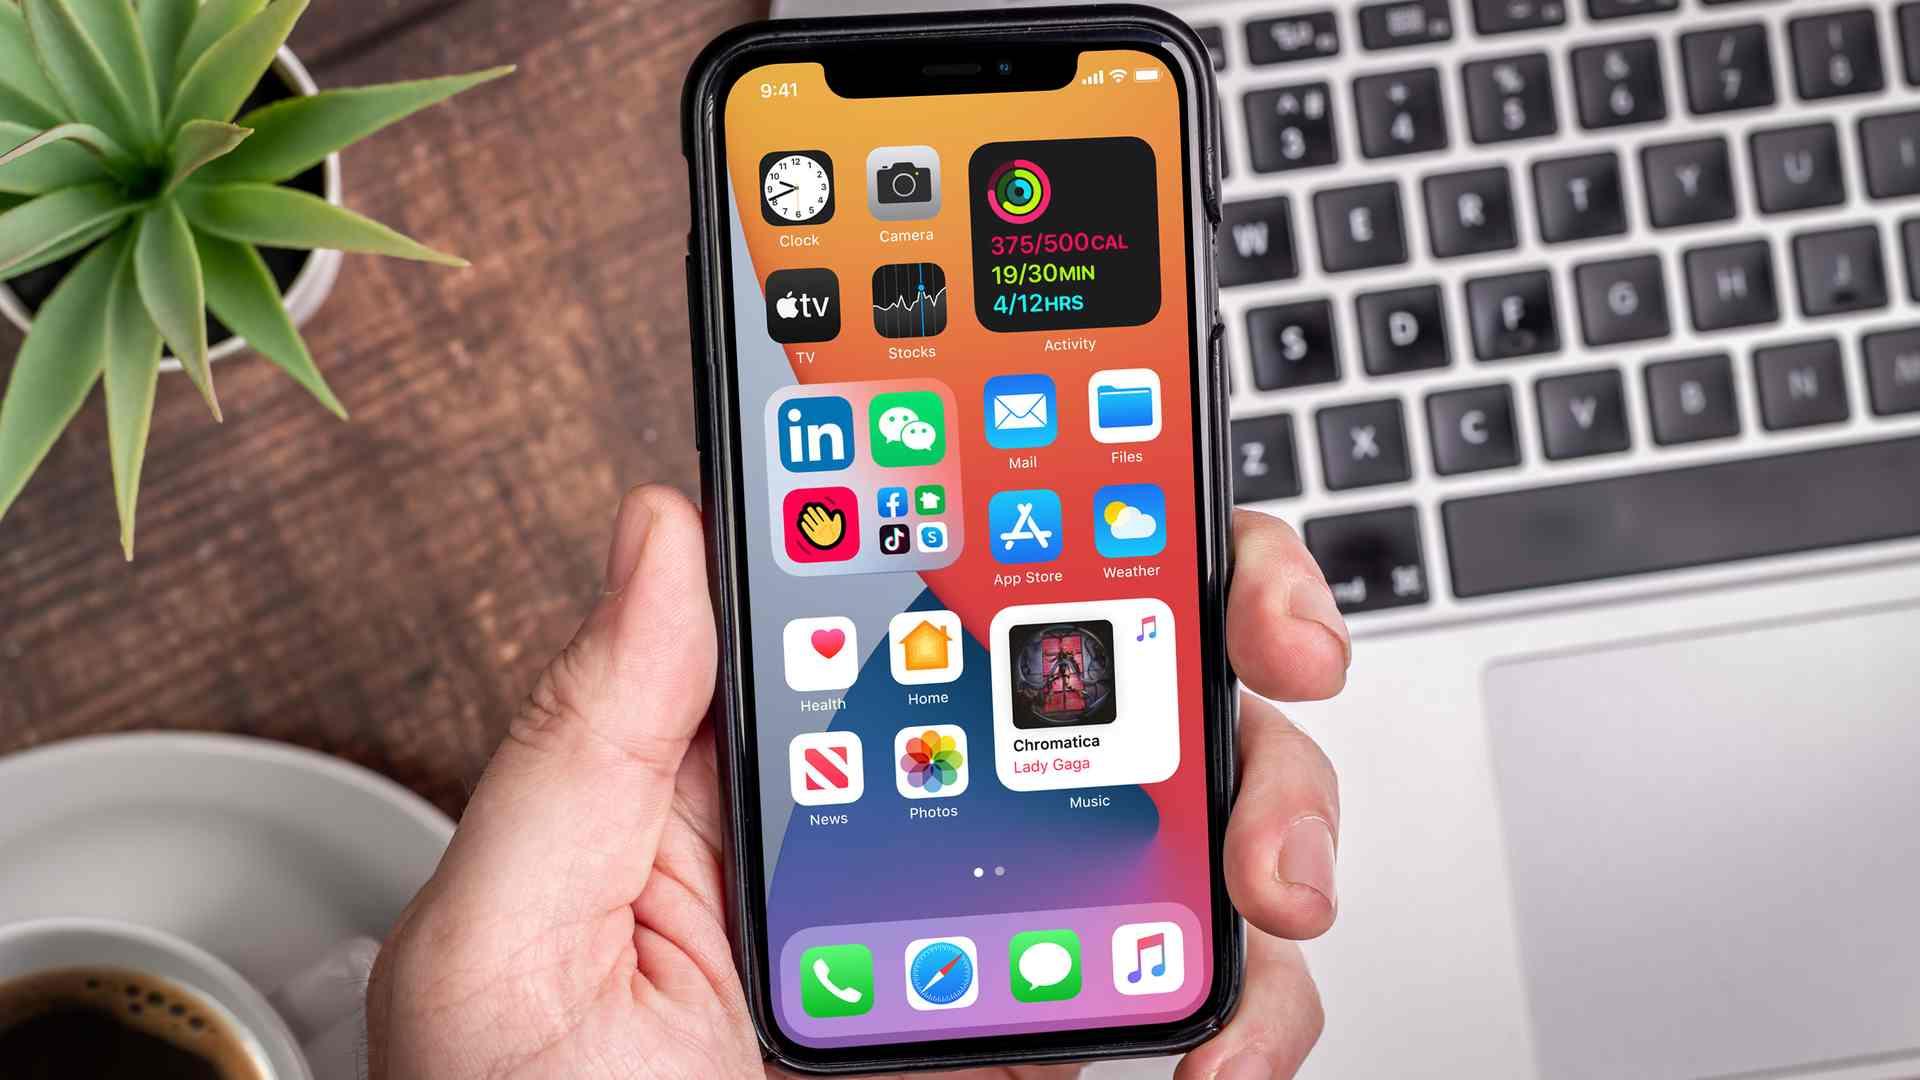 Pessoa segurando um iPhone com recursos do iOS na tela